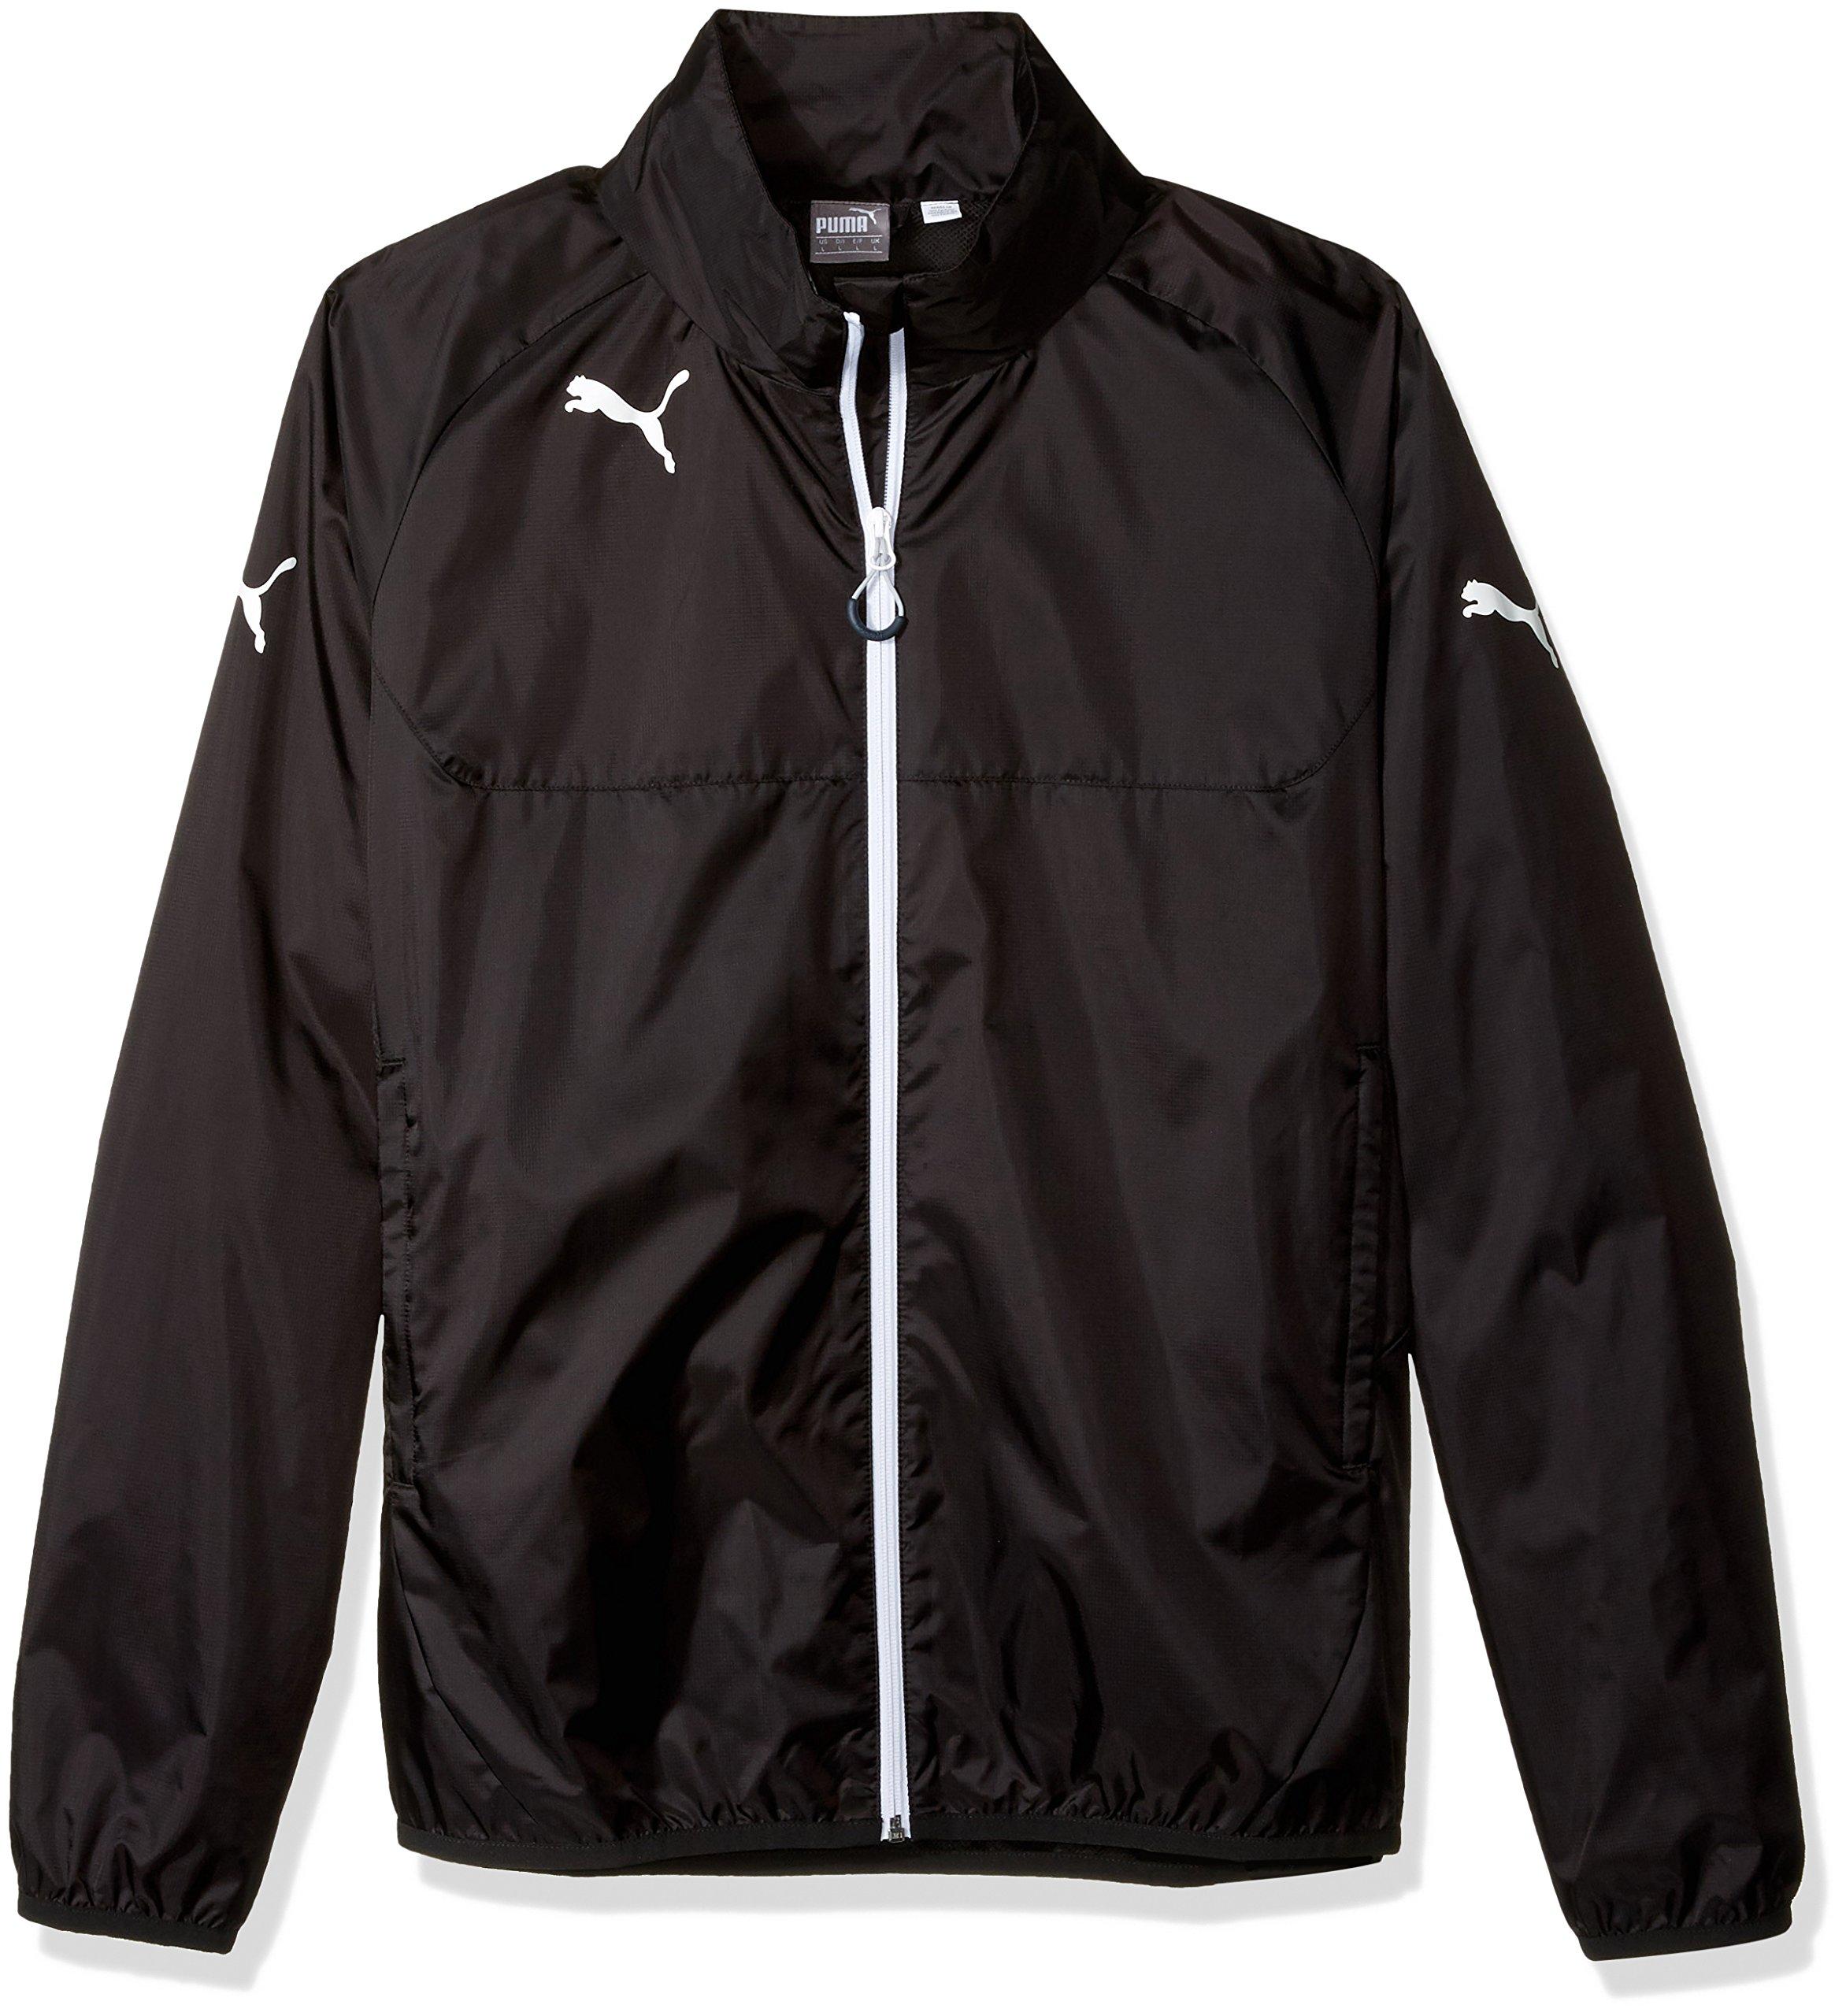 PUMA Men's Rain Jacket, Small, Black-White